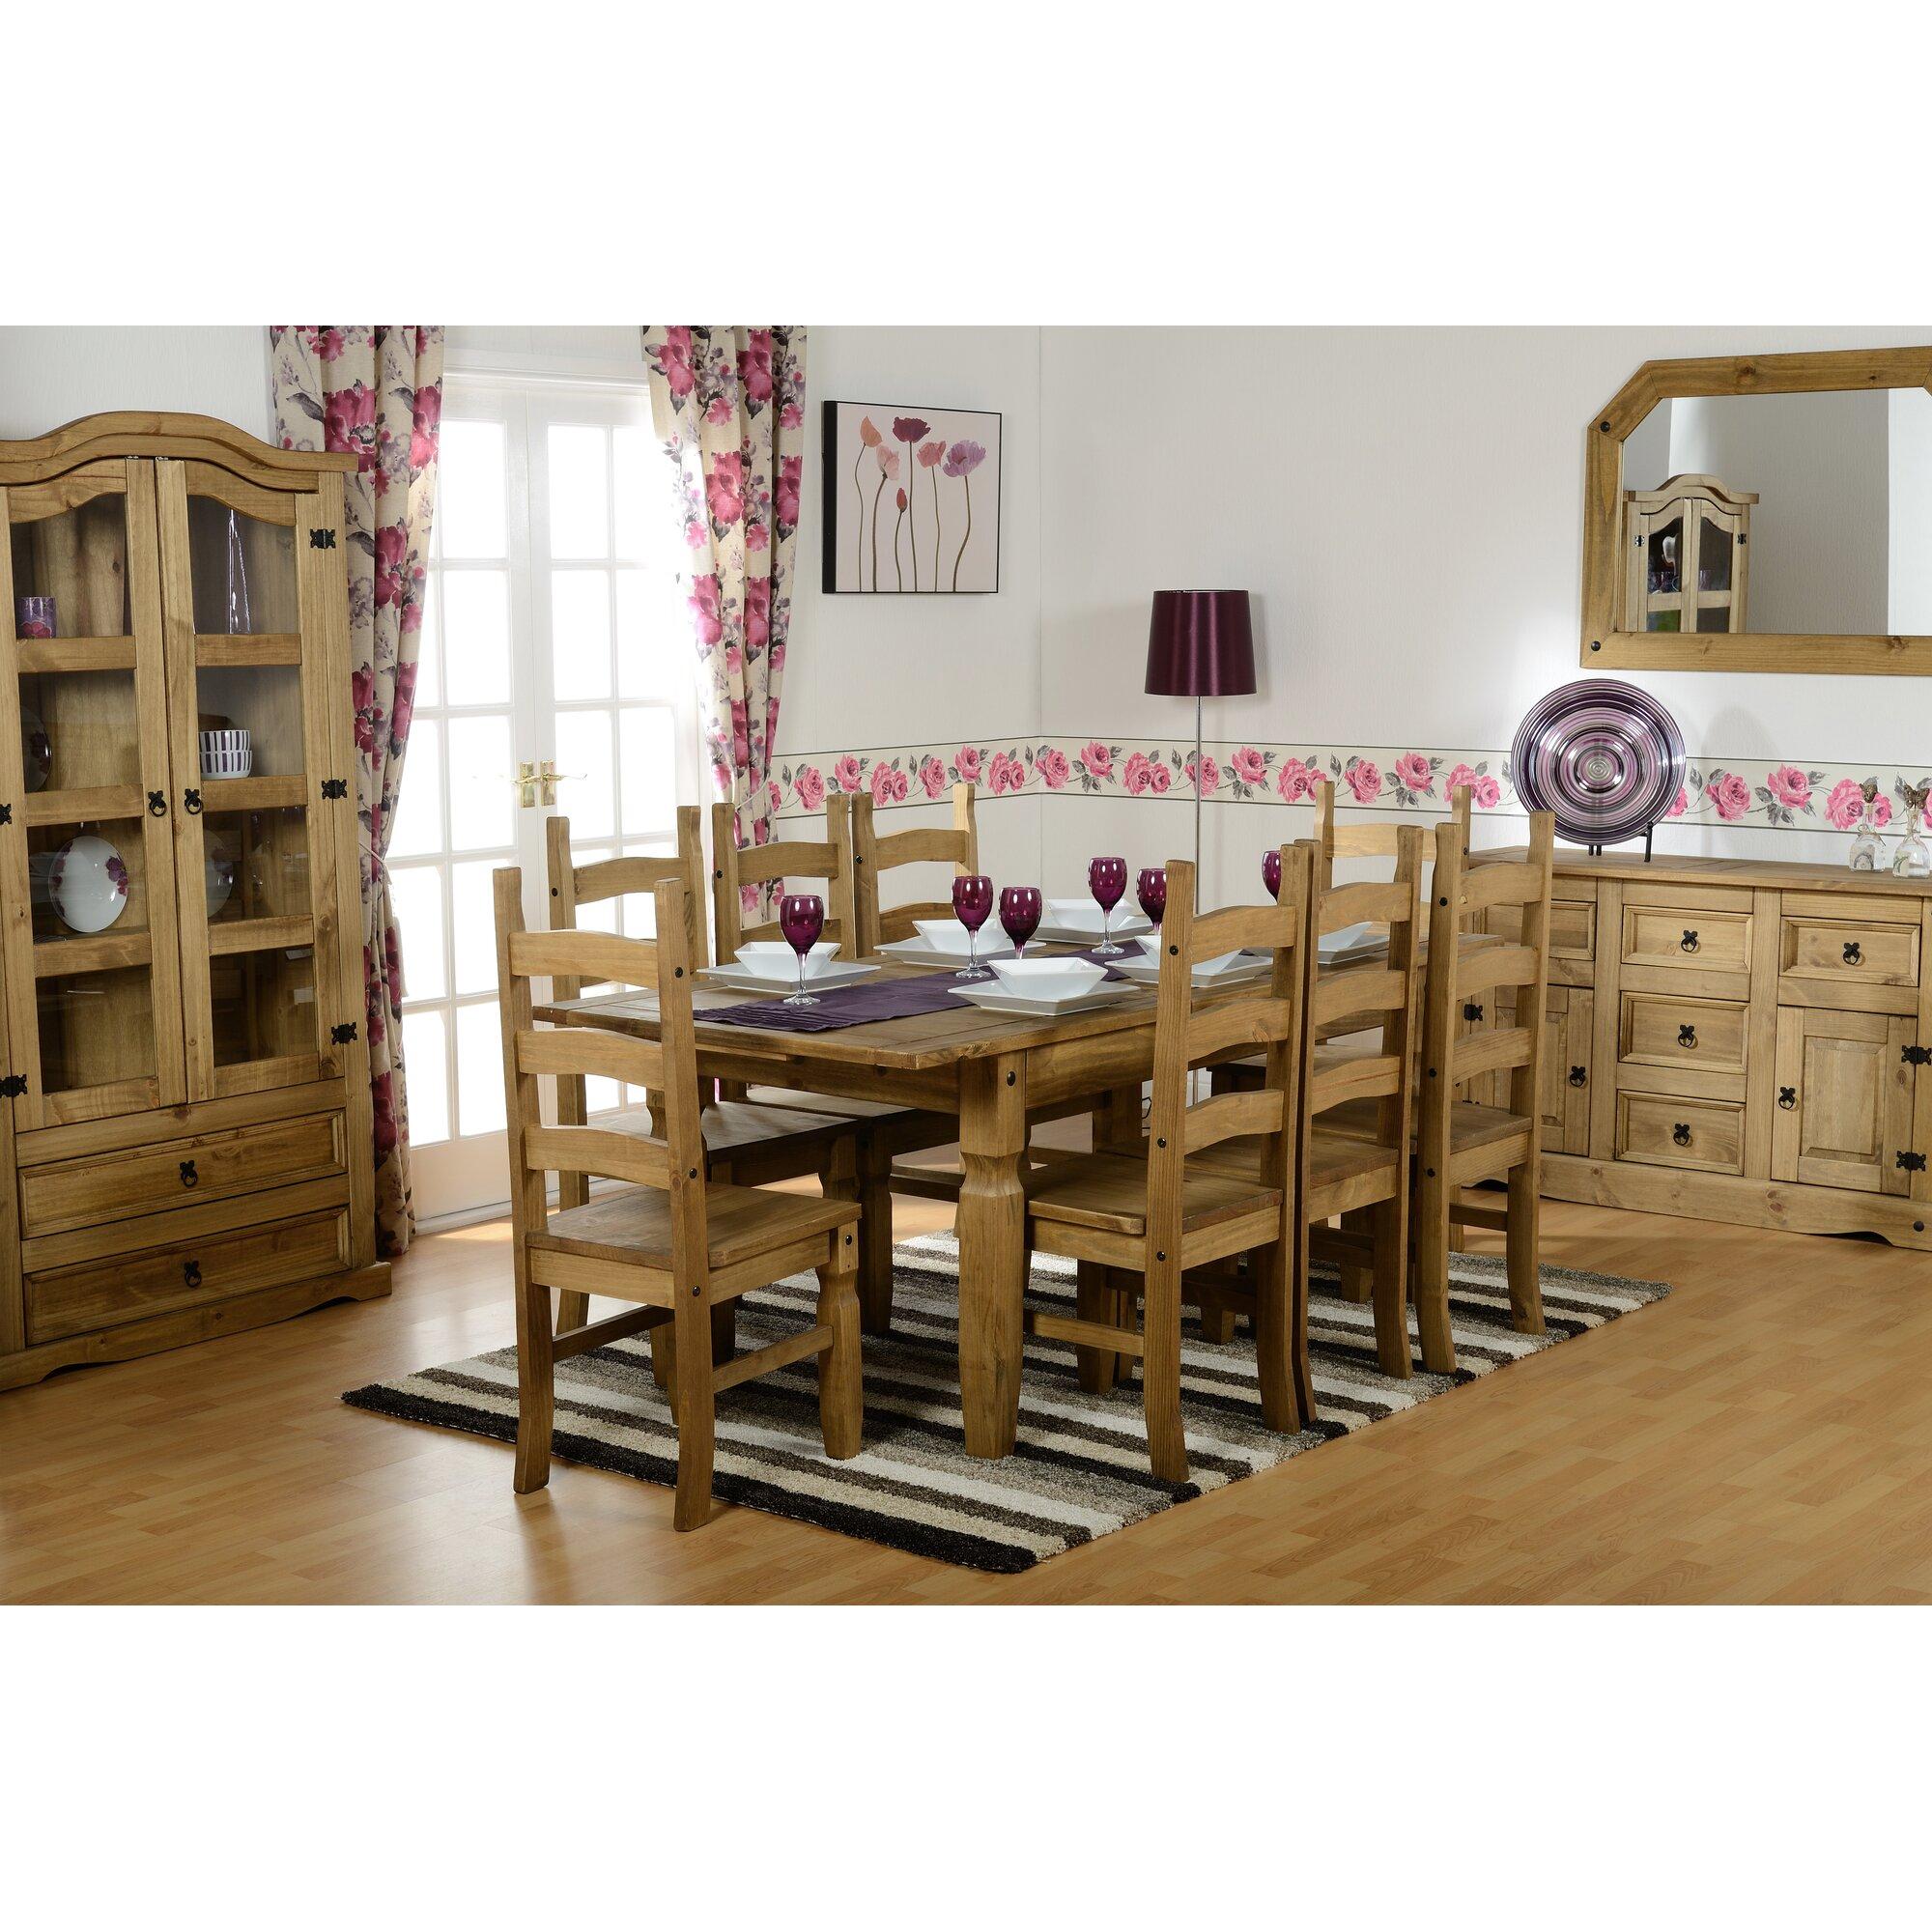 m hlenhaus essgruppe corona mit 6 st hlen bewertungen. Black Bedroom Furniture Sets. Home Design Ideas